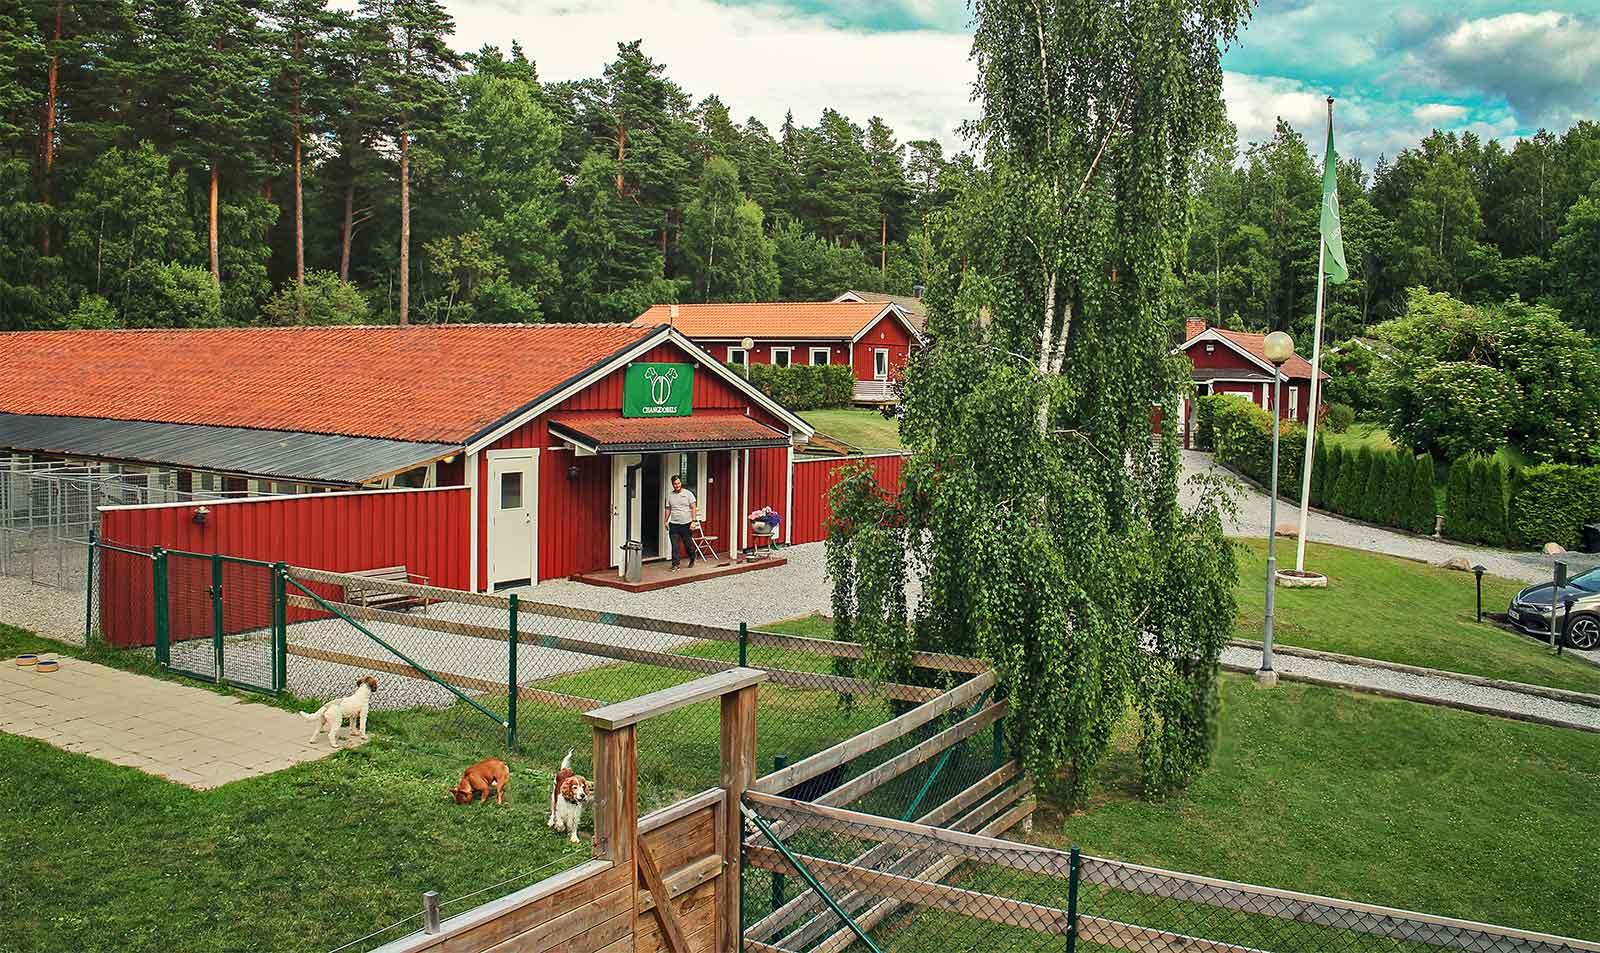 Changdobels Hundpensionat i Täby, överblicksbild